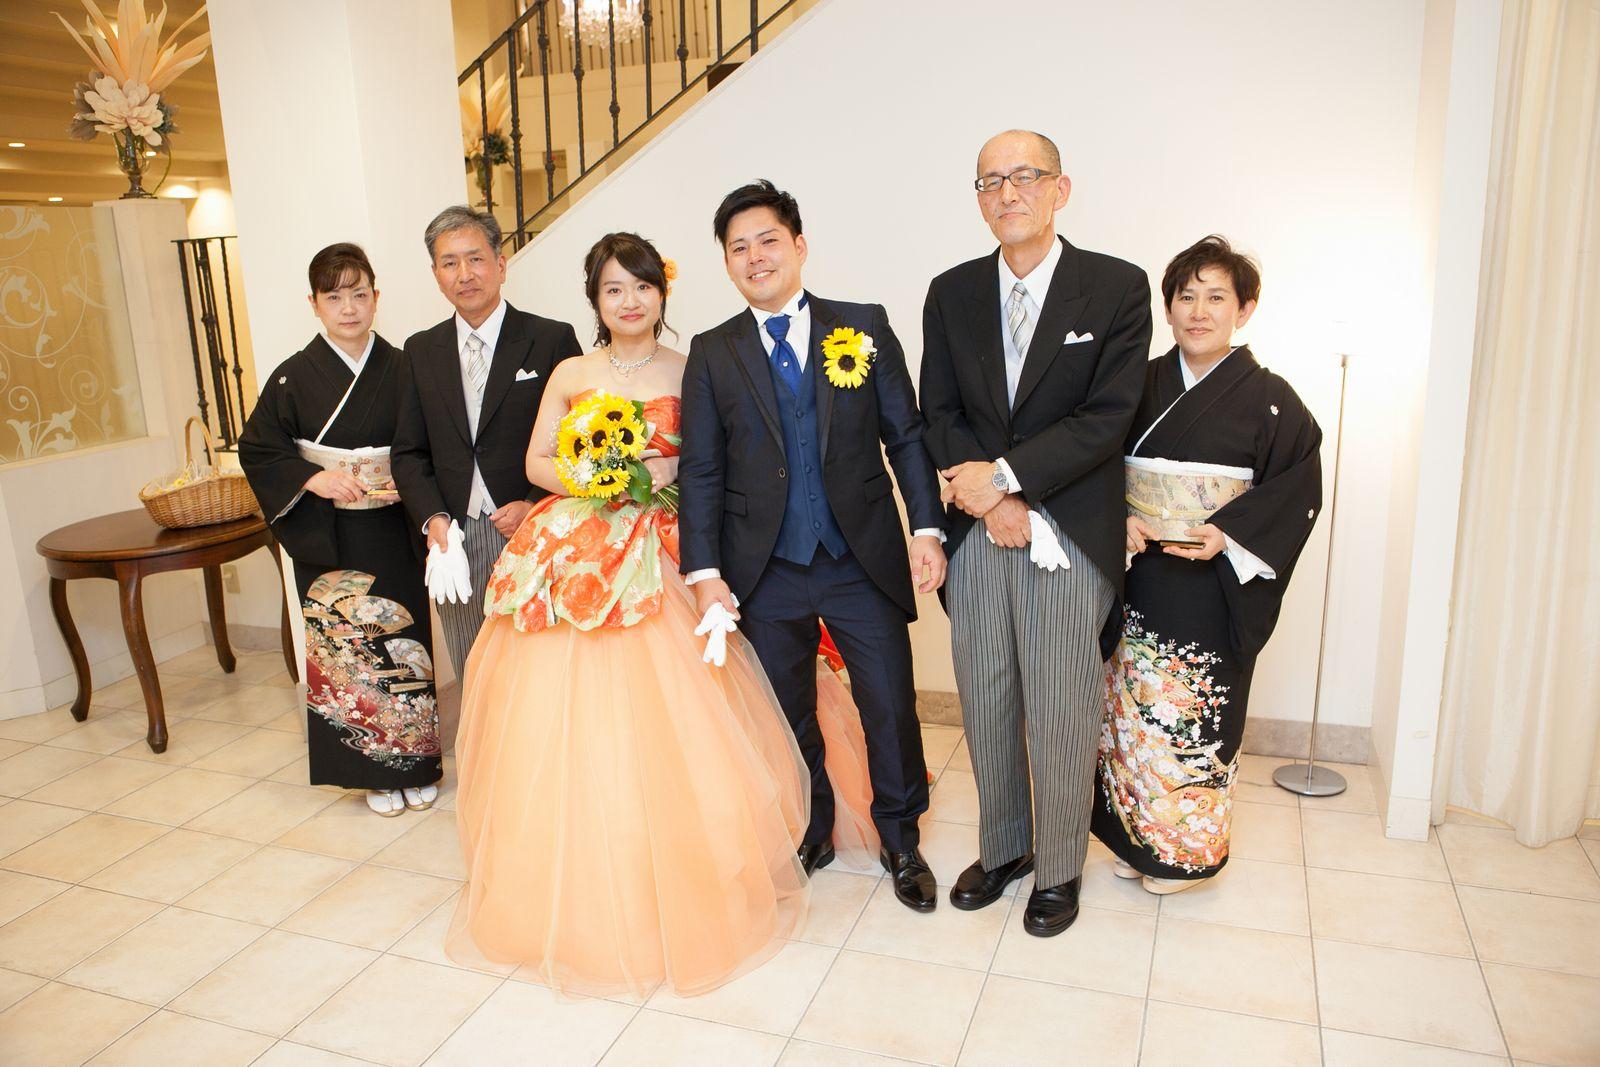 香川県の結婚式場シェルエメール&アイスタイルのご両家様